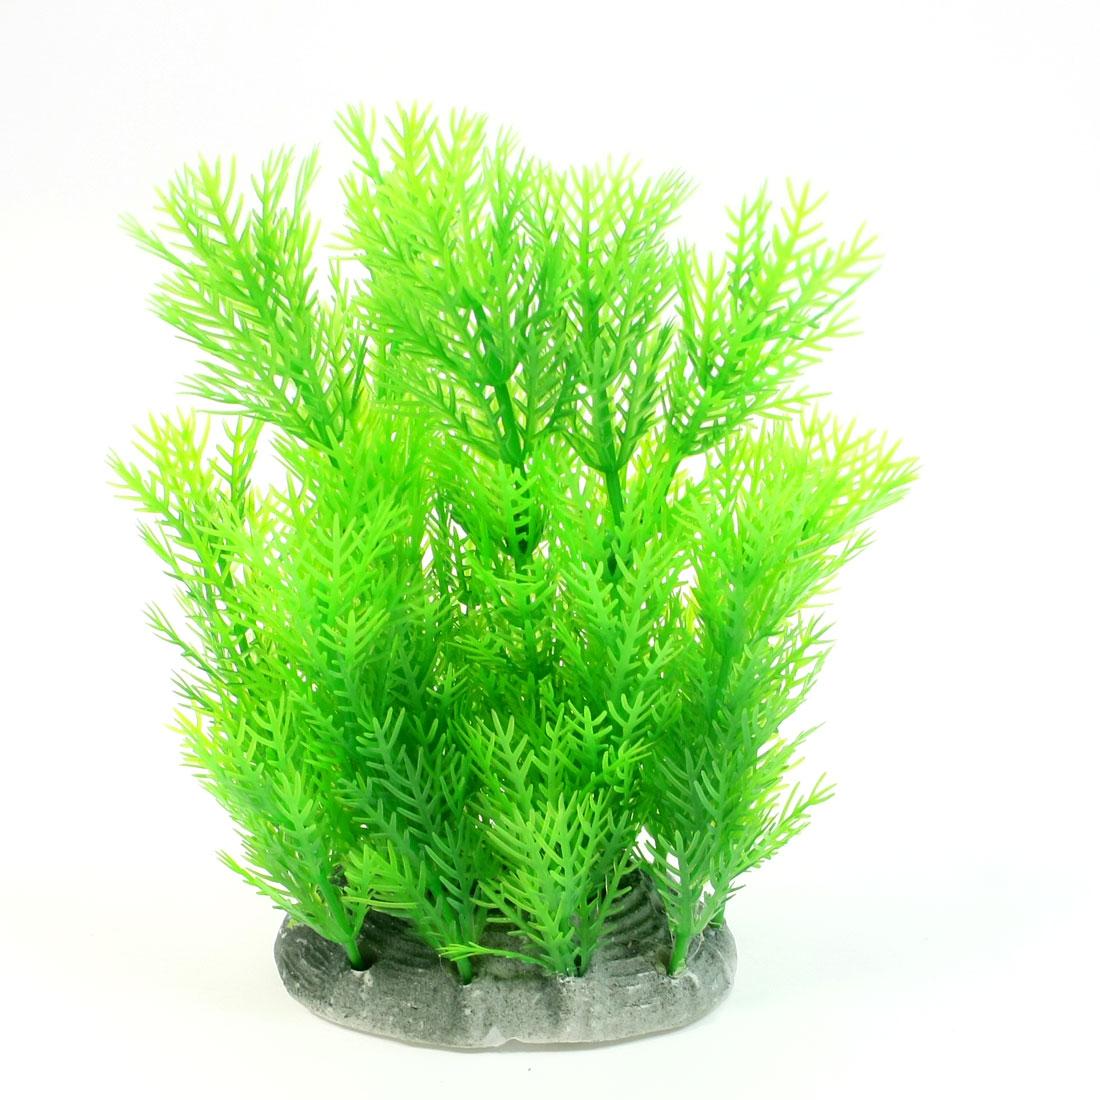 """Aquarium Fish Tanks Plastic Underwater Plant Ornament Green 6.3"""" High"""